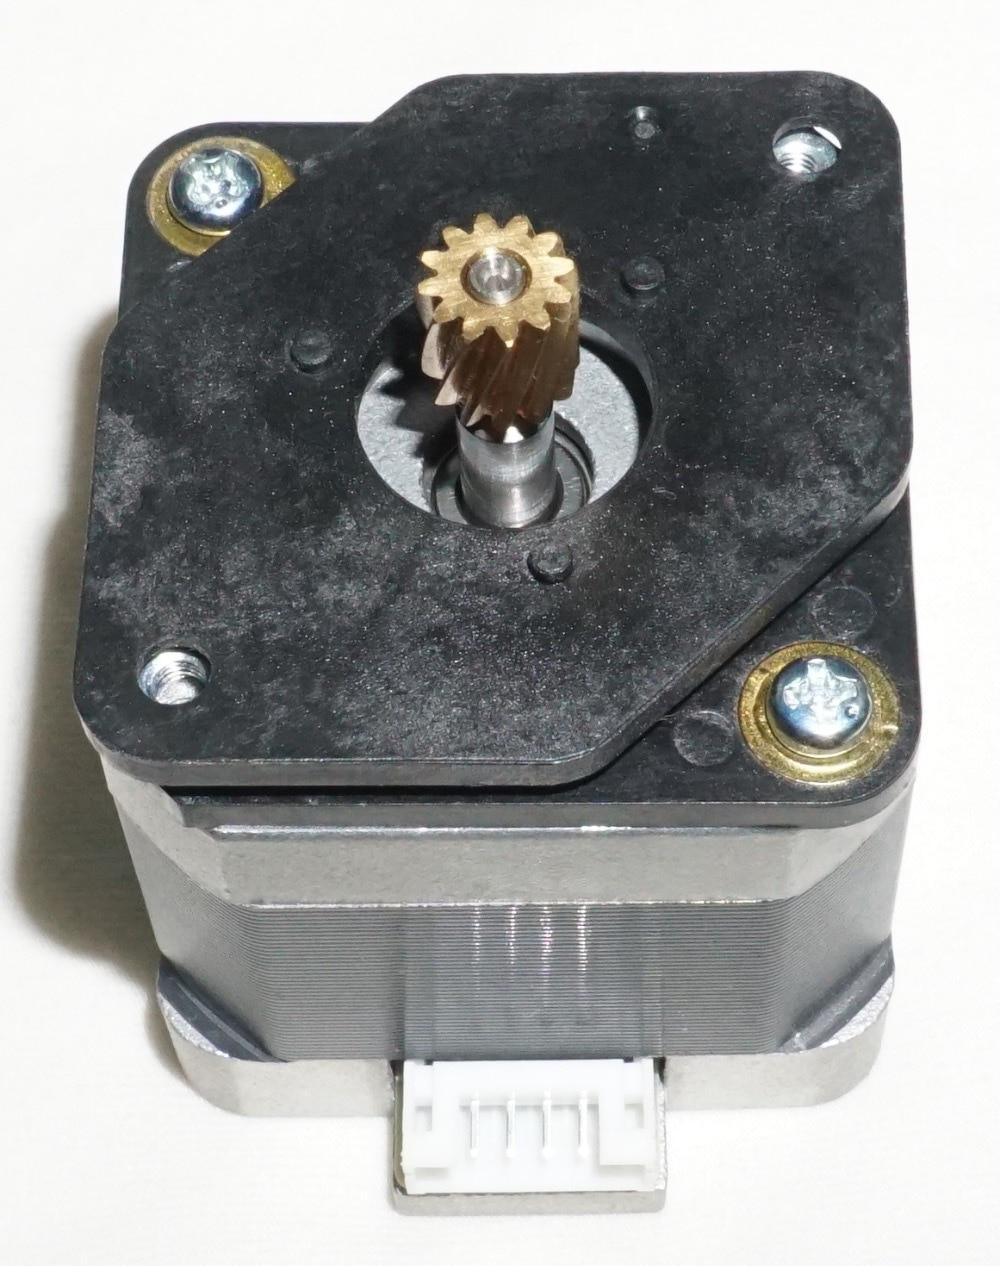 ФОТО new original Kyocera DP-470 302KY44010 MOTOR IMAGE for:FS-6025 6030 6525 6530 C8020 C8025 C8520 C8525 2550ci